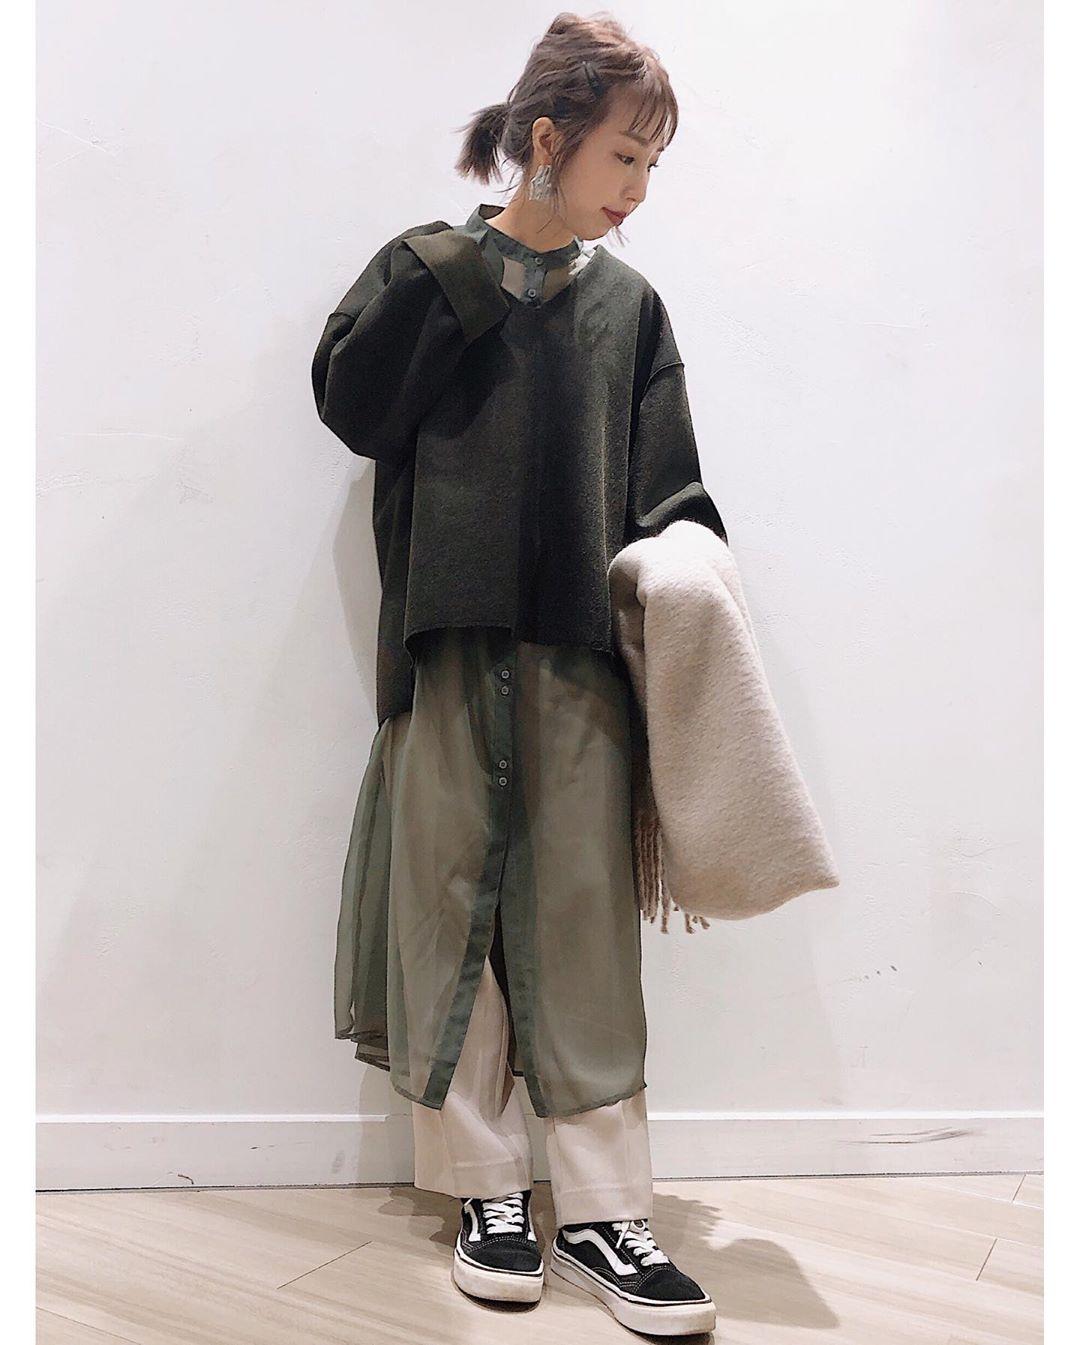 最高気温20度・最低気温17度 akaririri_1022の服装